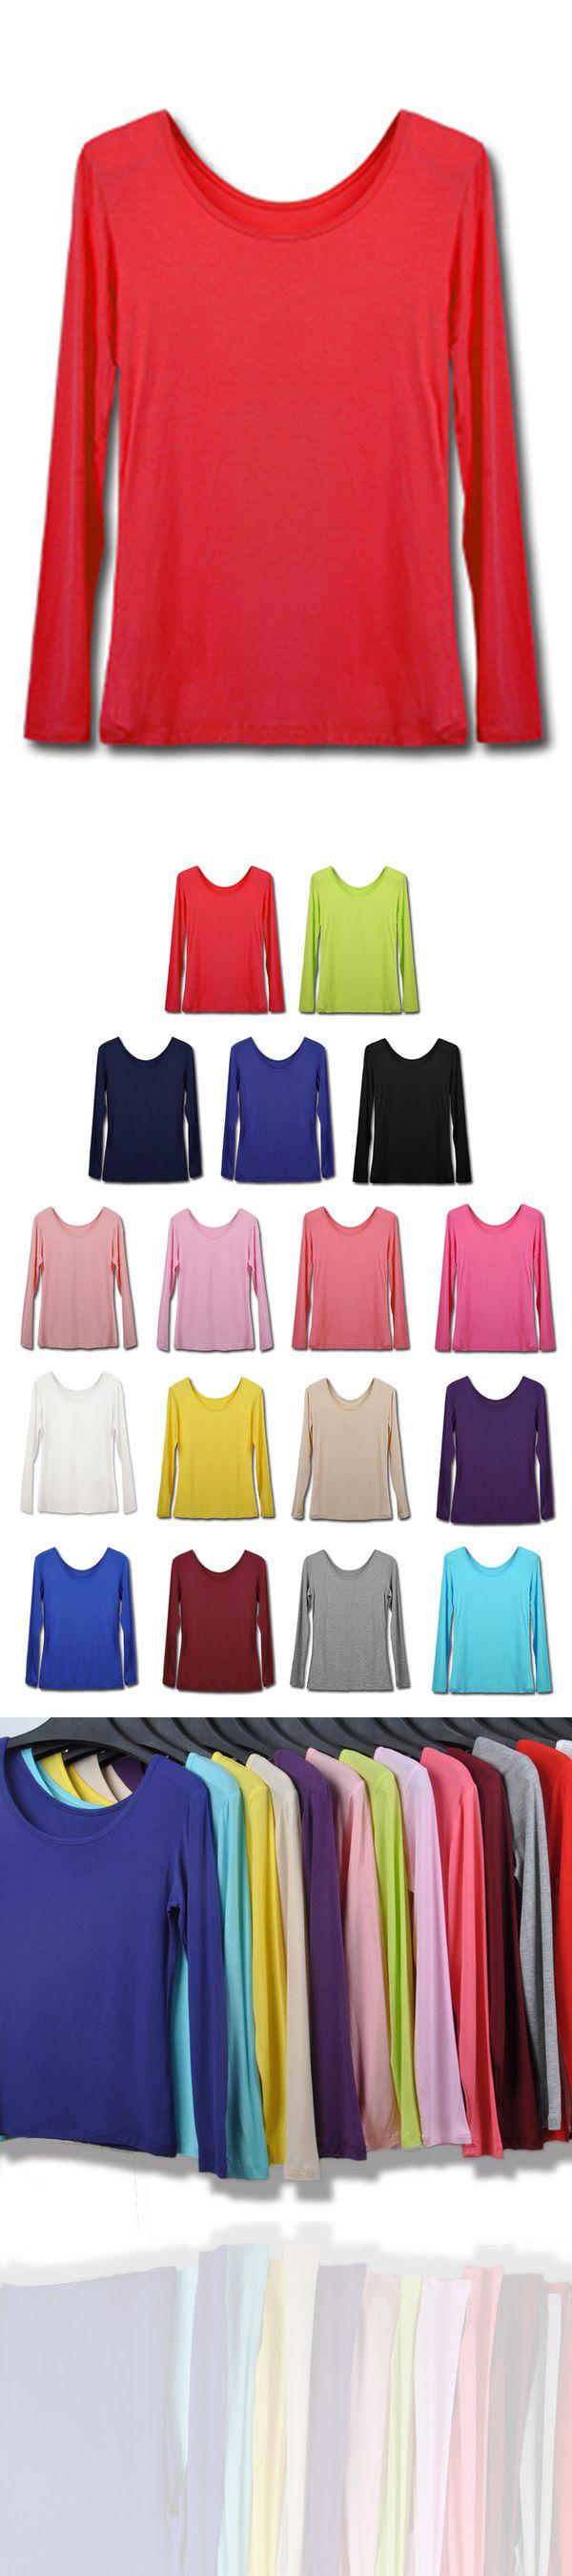 Photo of 2019 Frauen Rundhals Modal Stretch & dünnes T-Shirt Tops Langarm für moslemische Kleider € 17.14 SAP2EM6P3A – SchickeAbendKleider.de